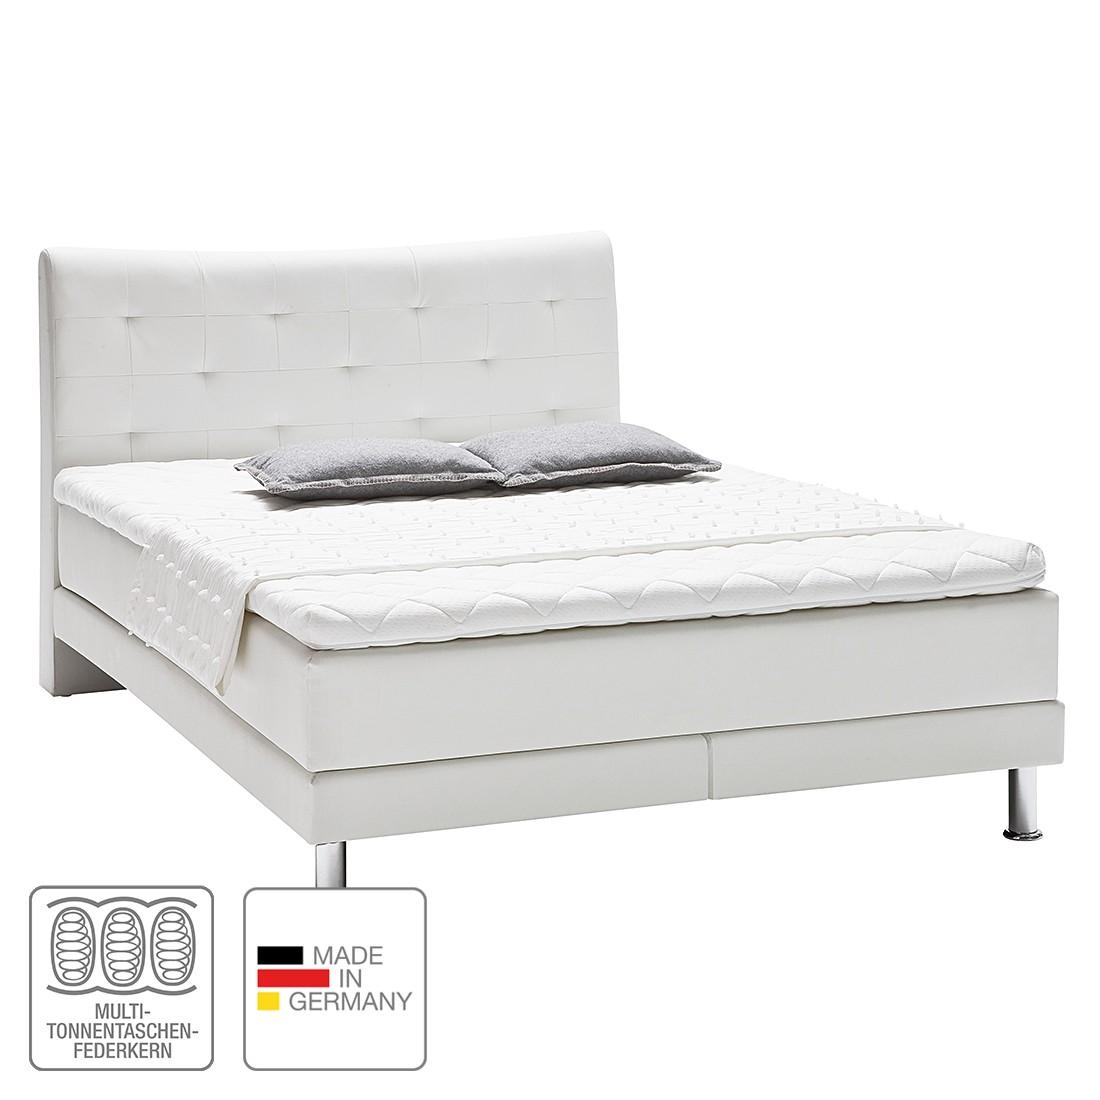 Boxspringbett Vega – Kunstleder – 180 x 200cm – H2 bis 80 kg / H3 ab 80 kg – Viscoschaumtopper – Multi-Tonnentaschenfederkernmatratze – Weiß, meise.möbel günstig bestellen